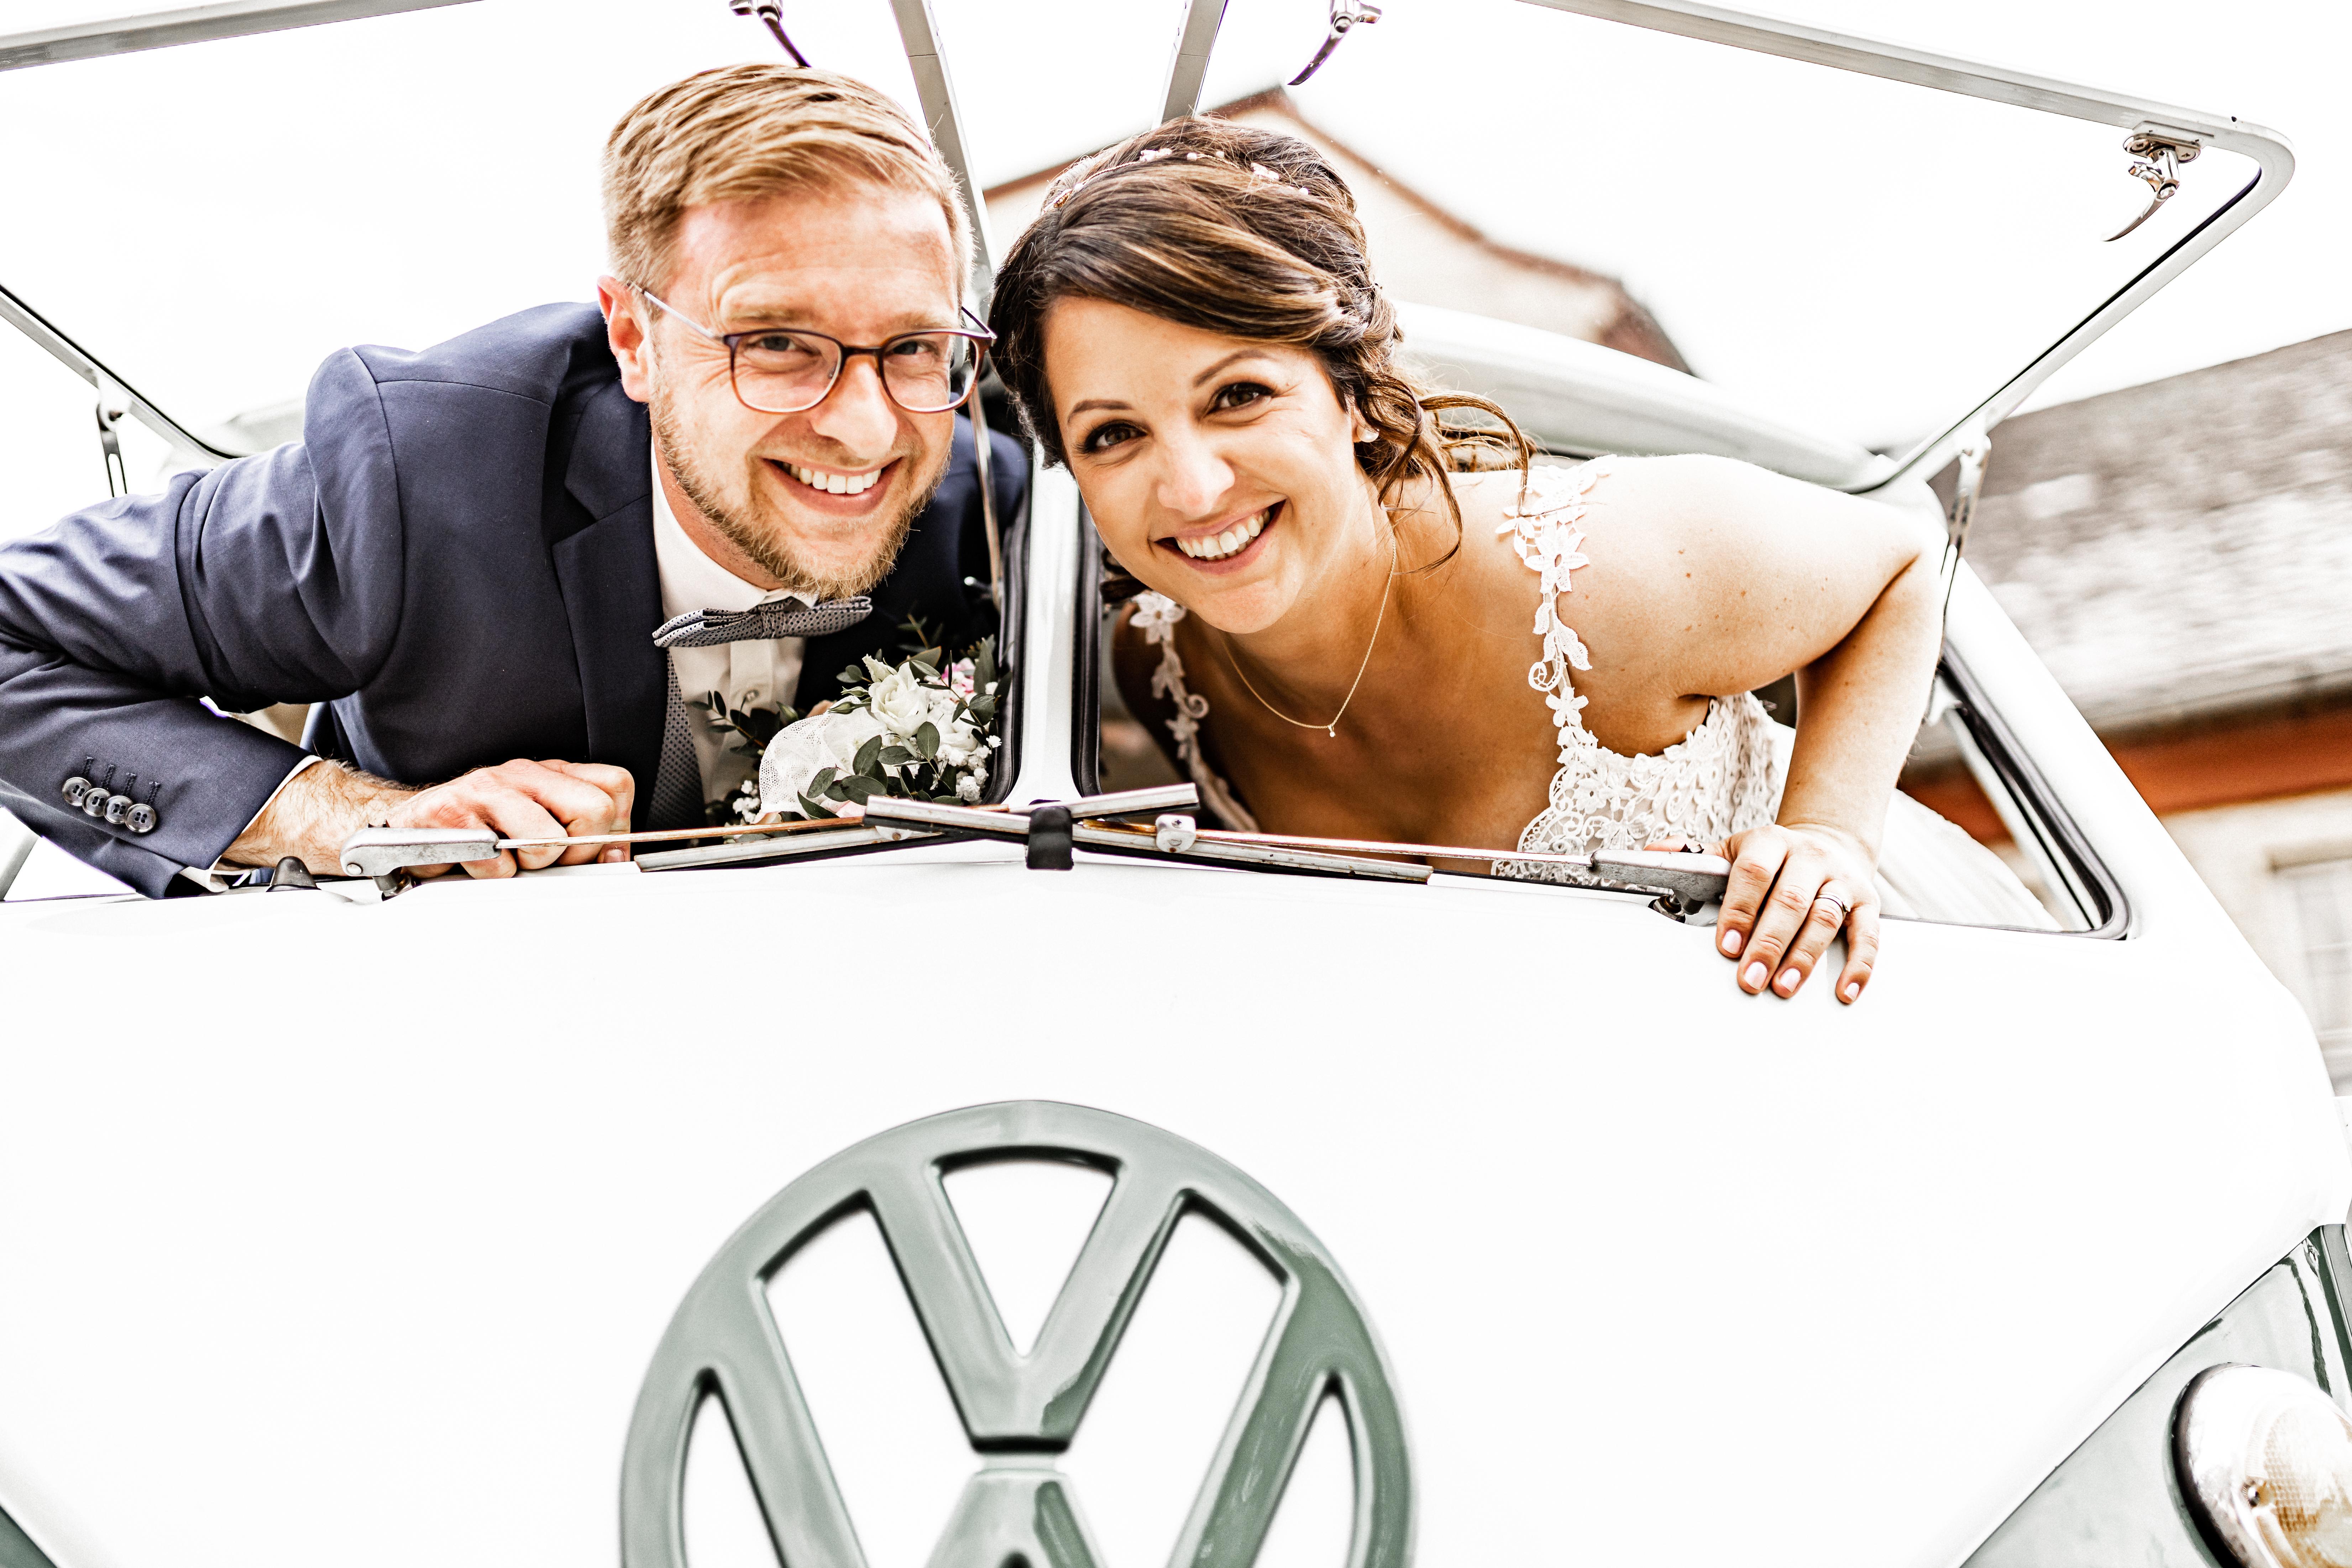 Hochzeitsfotograf Saarland - Fotograf Kai Kreutzer 1900124 - Saarbrücken, Saarlouis, Luxemburg